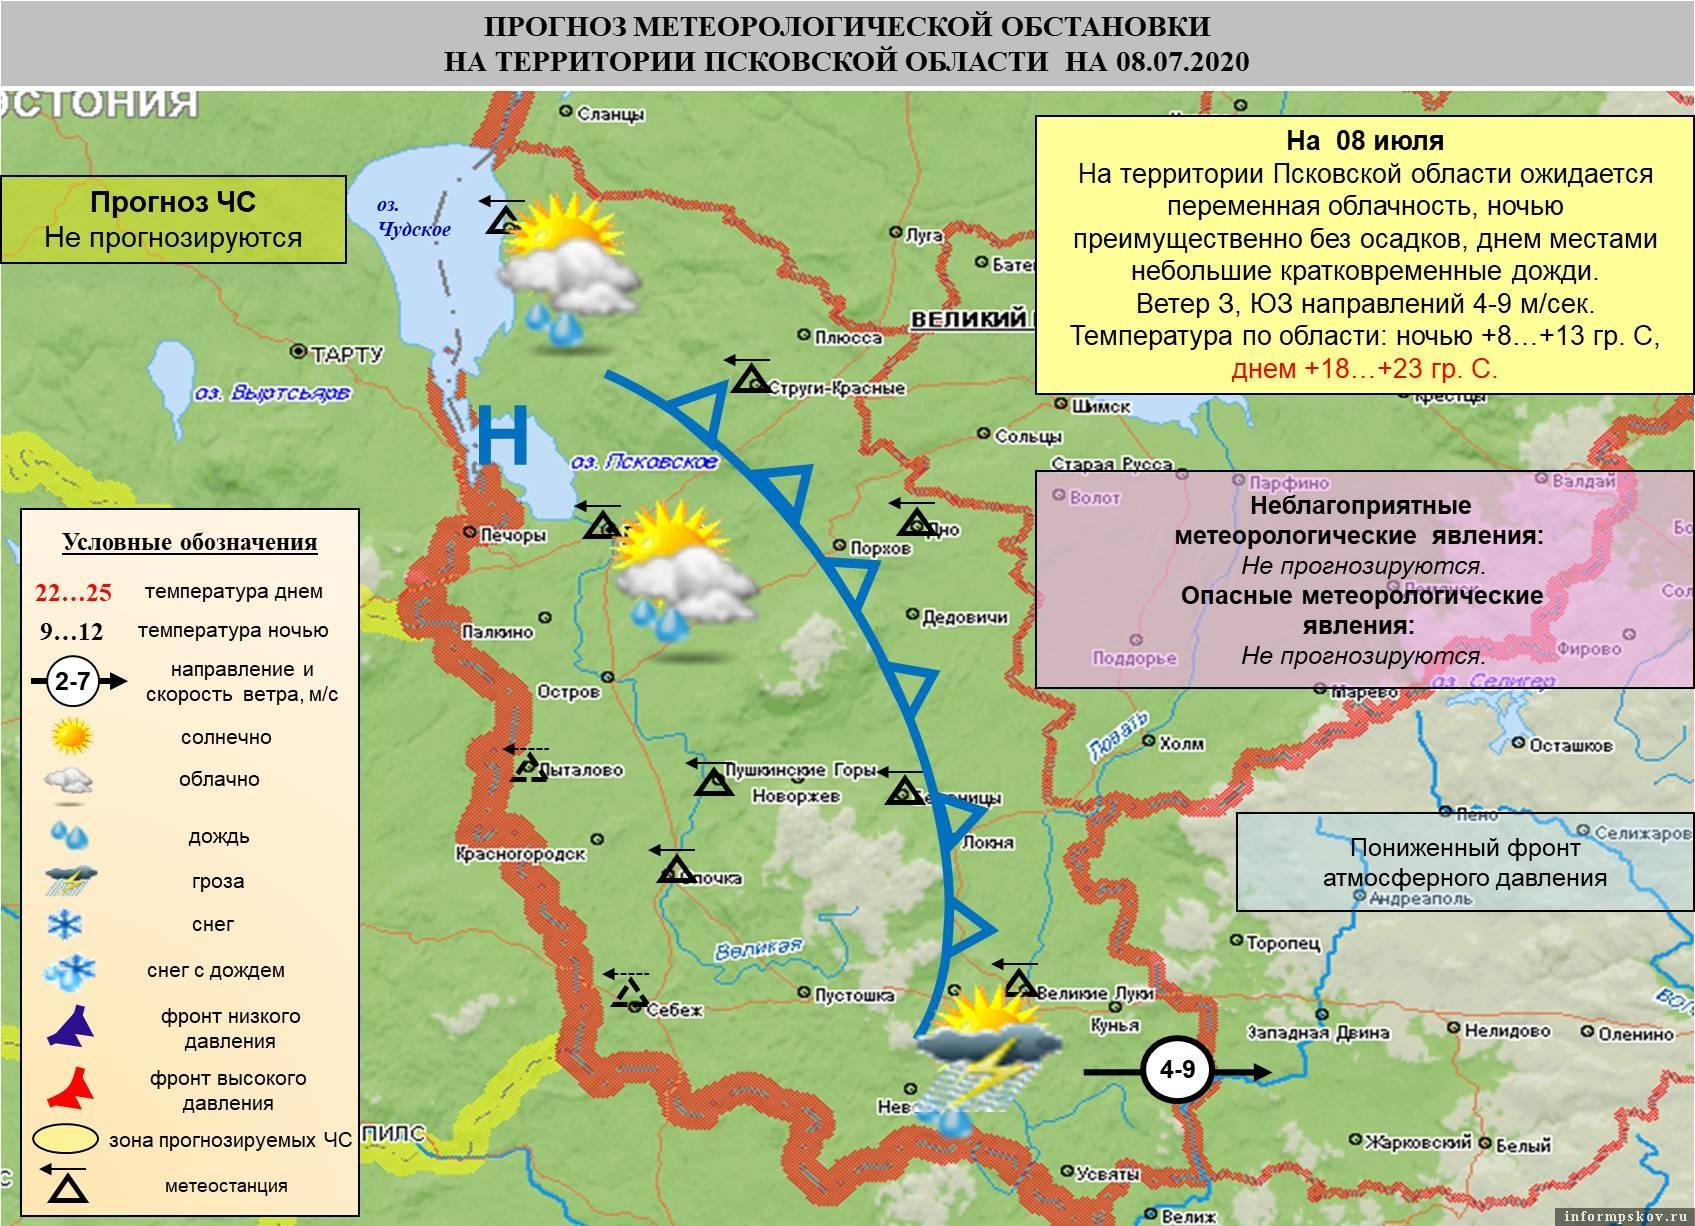 Источник: ГУ МЧС России по Псковской области